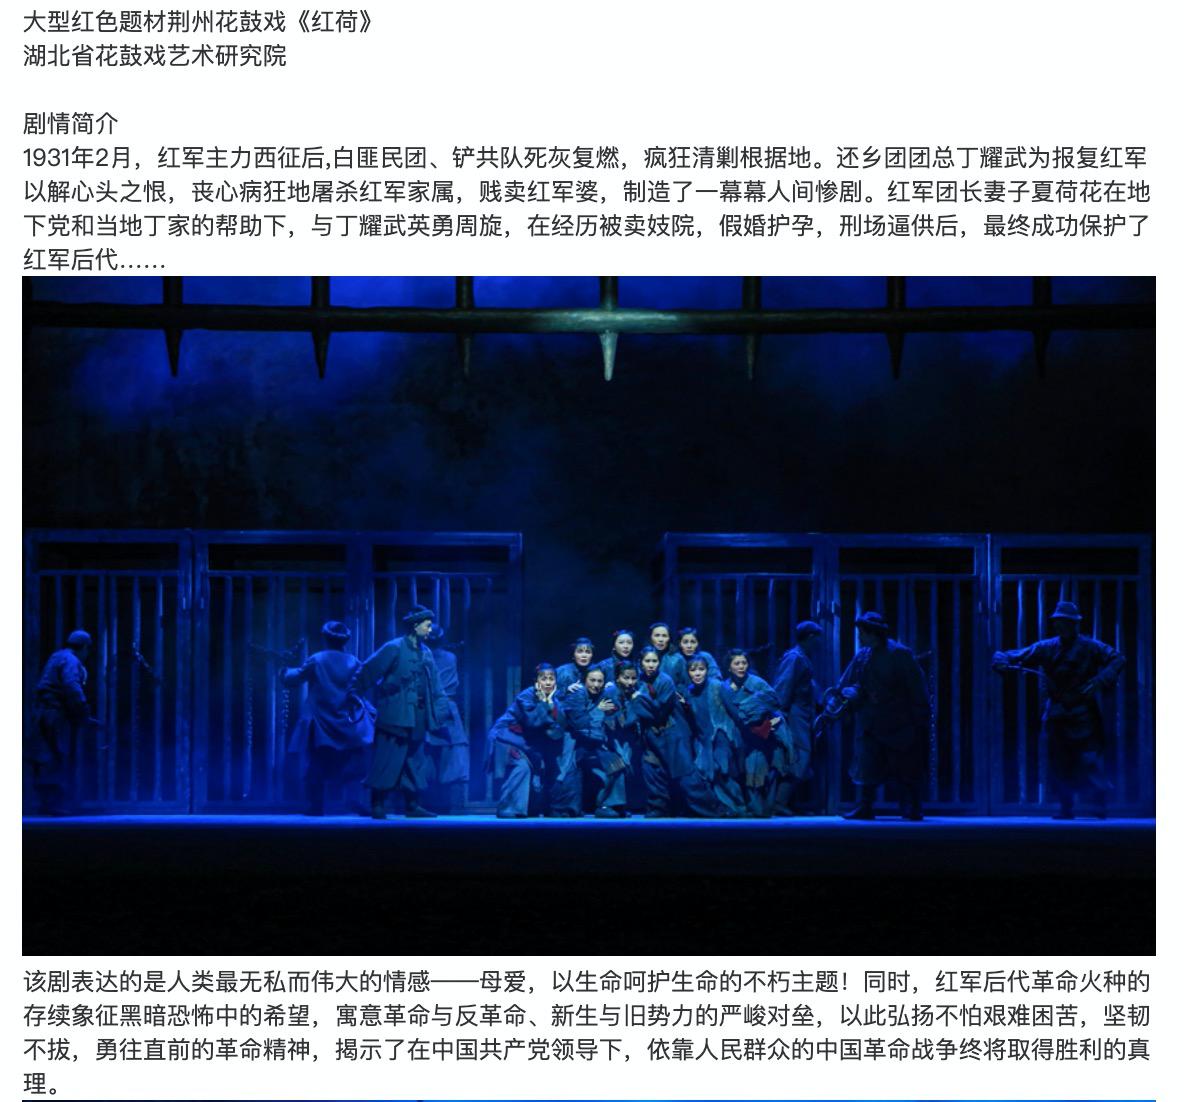 2021中华优秀地方剧目展演:历史革命题材花鼓戏《红荷》-武汉站